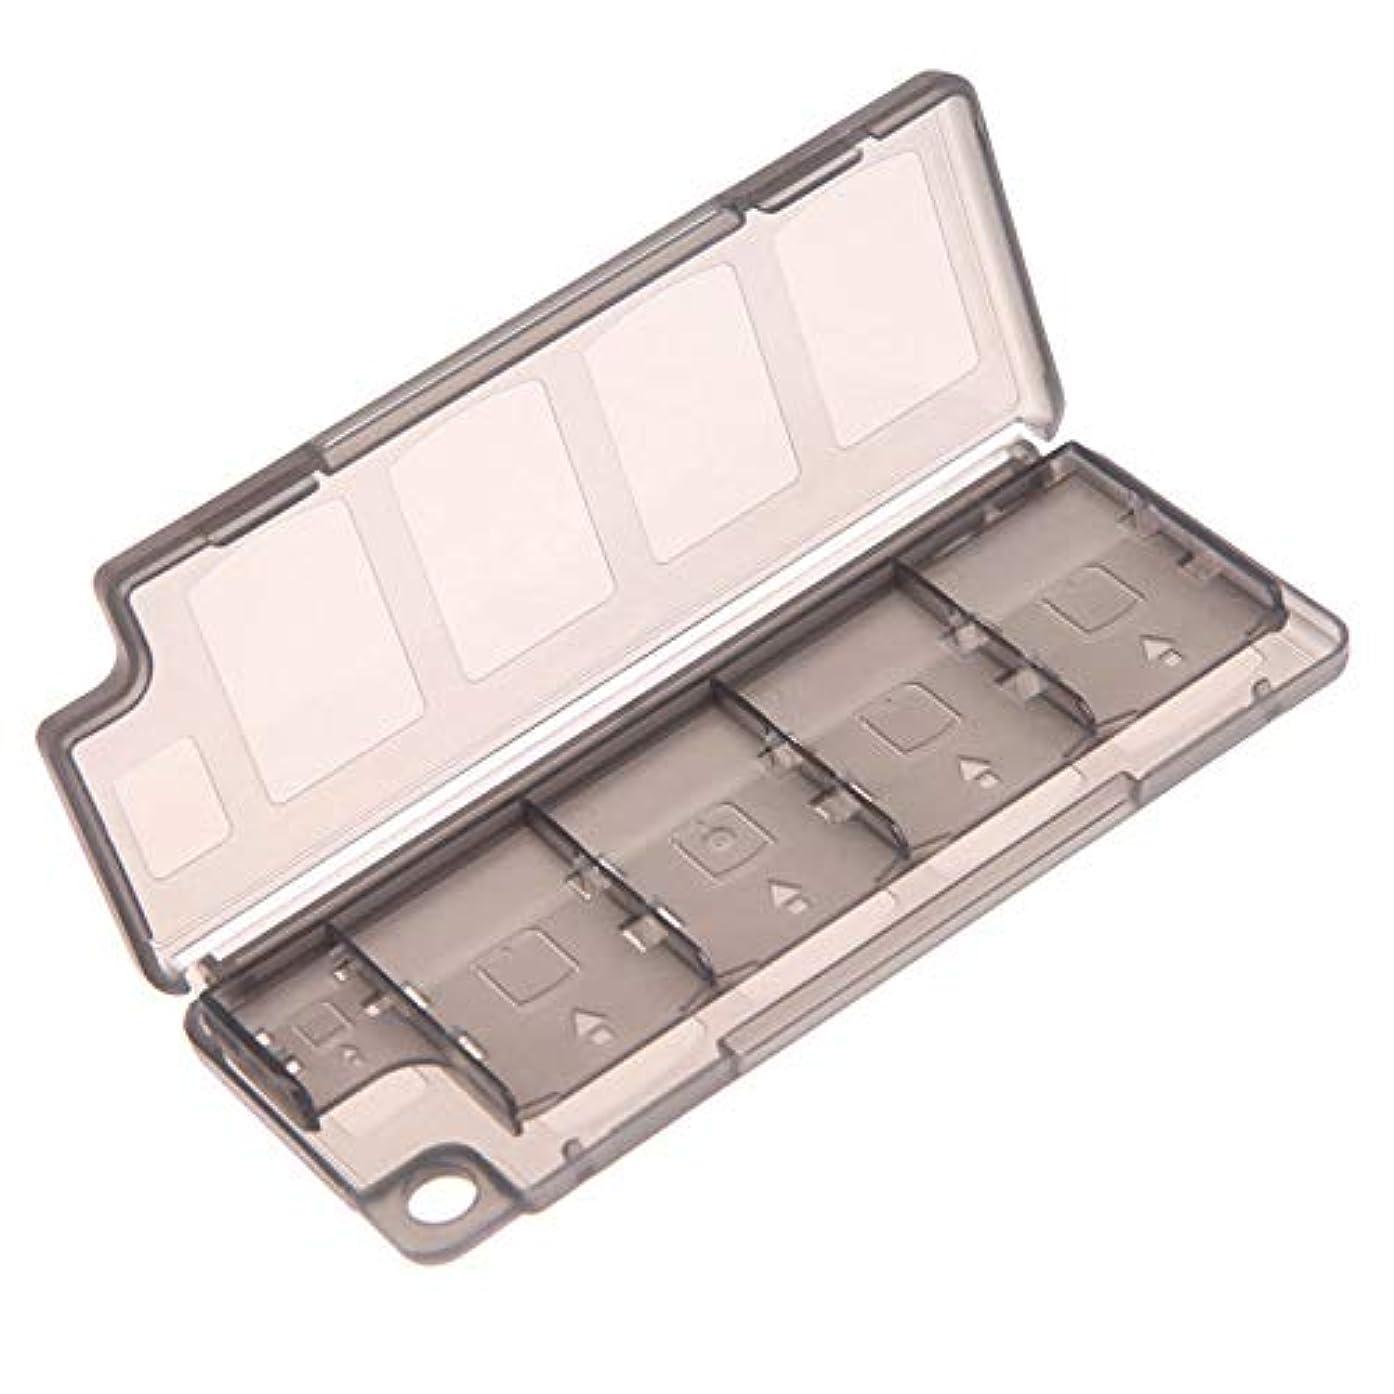 10 in1 Game Memory Card Holder Storage Case Box for PS Vita ER PSV for Sony PS Vita